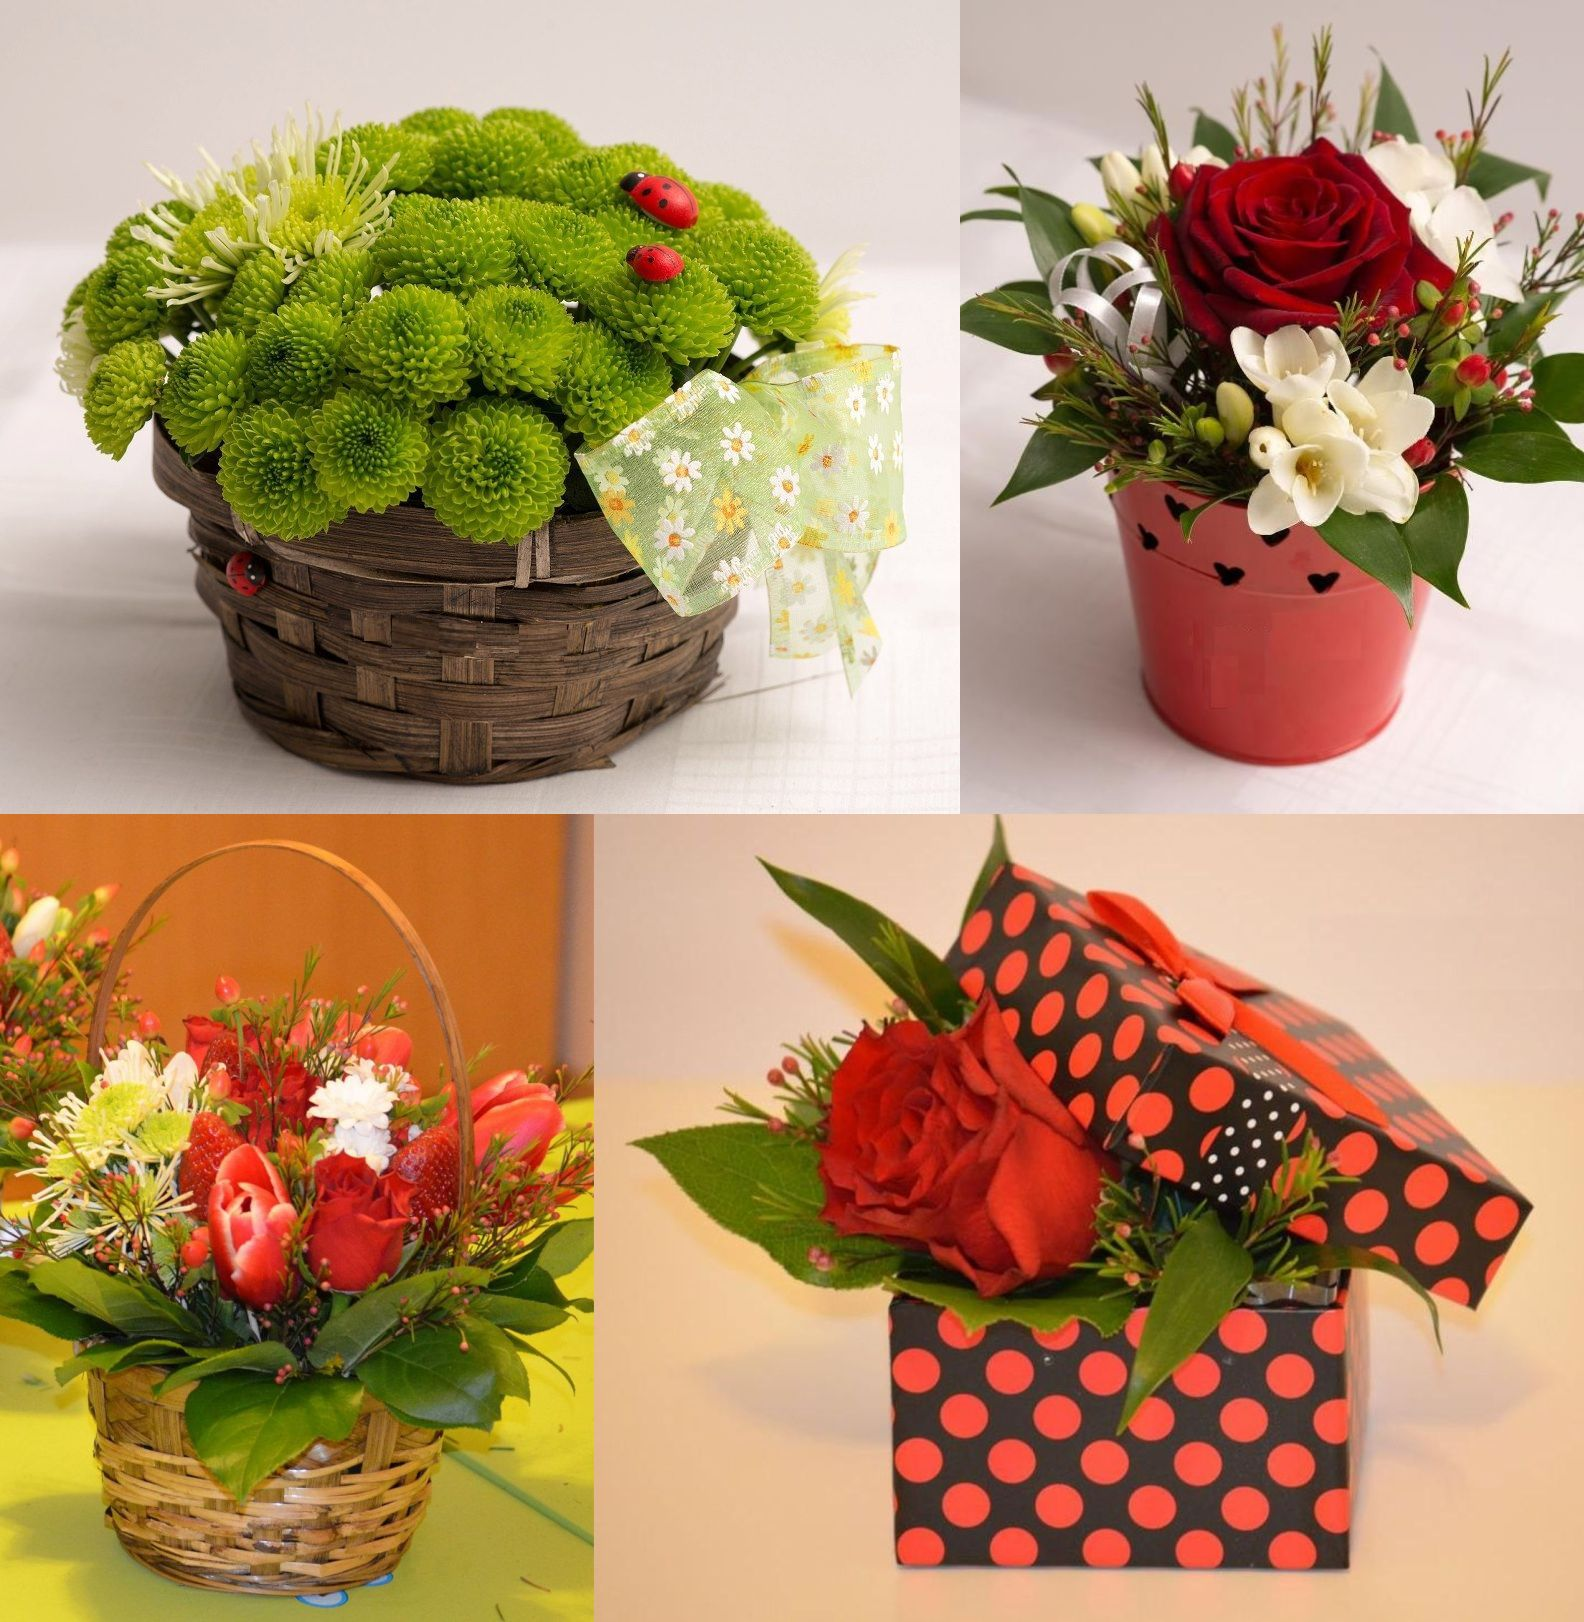 De 8 Martie Buchetele Si Aranjamentele Florale Comandate